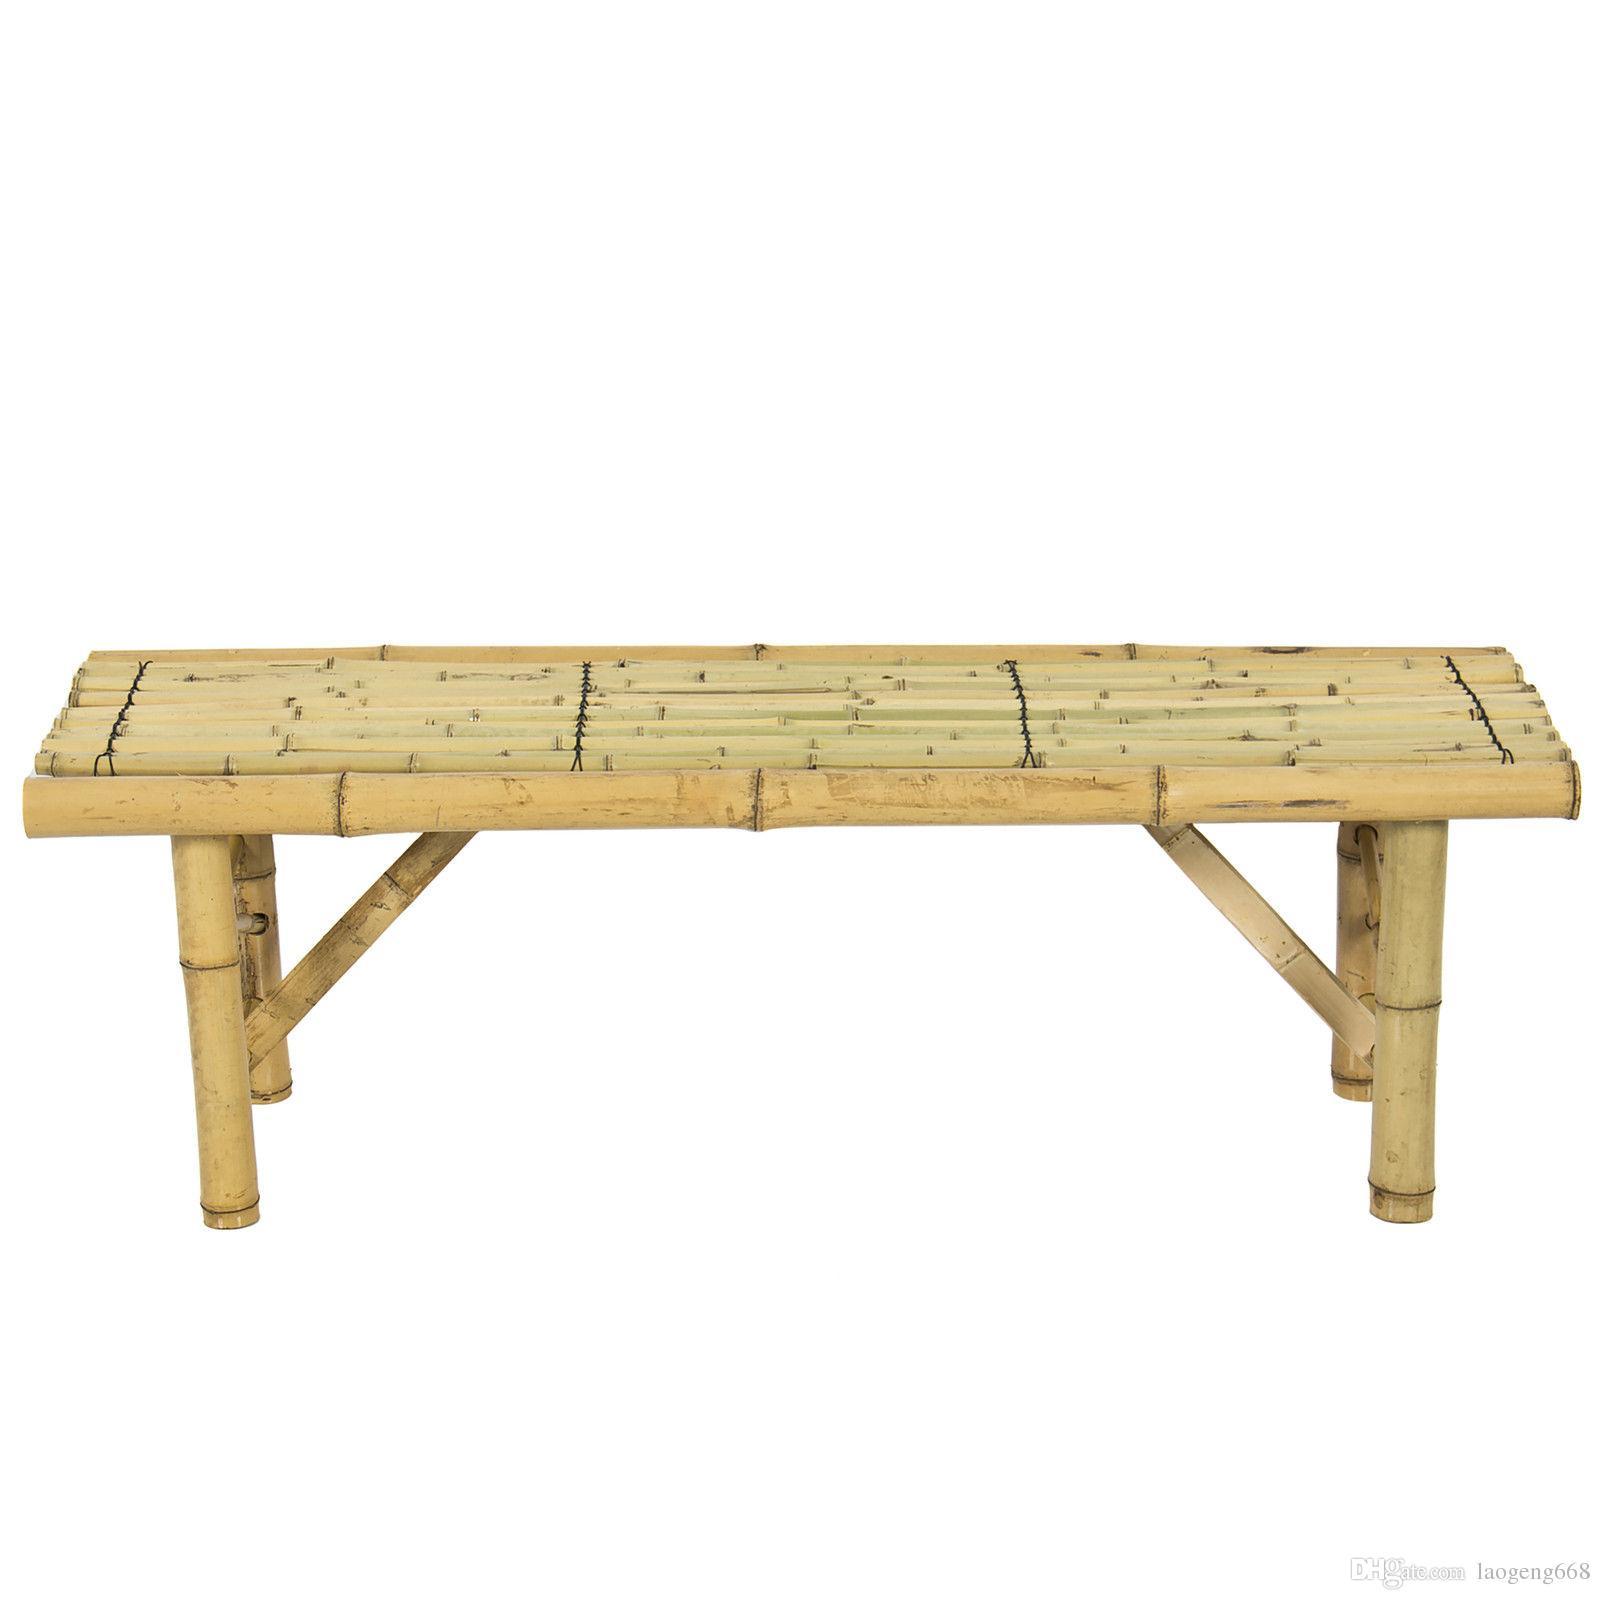 Banc Salle De Bain Bambou ~ acheter banc de bambou tiki table de caf tropicale banc salle de